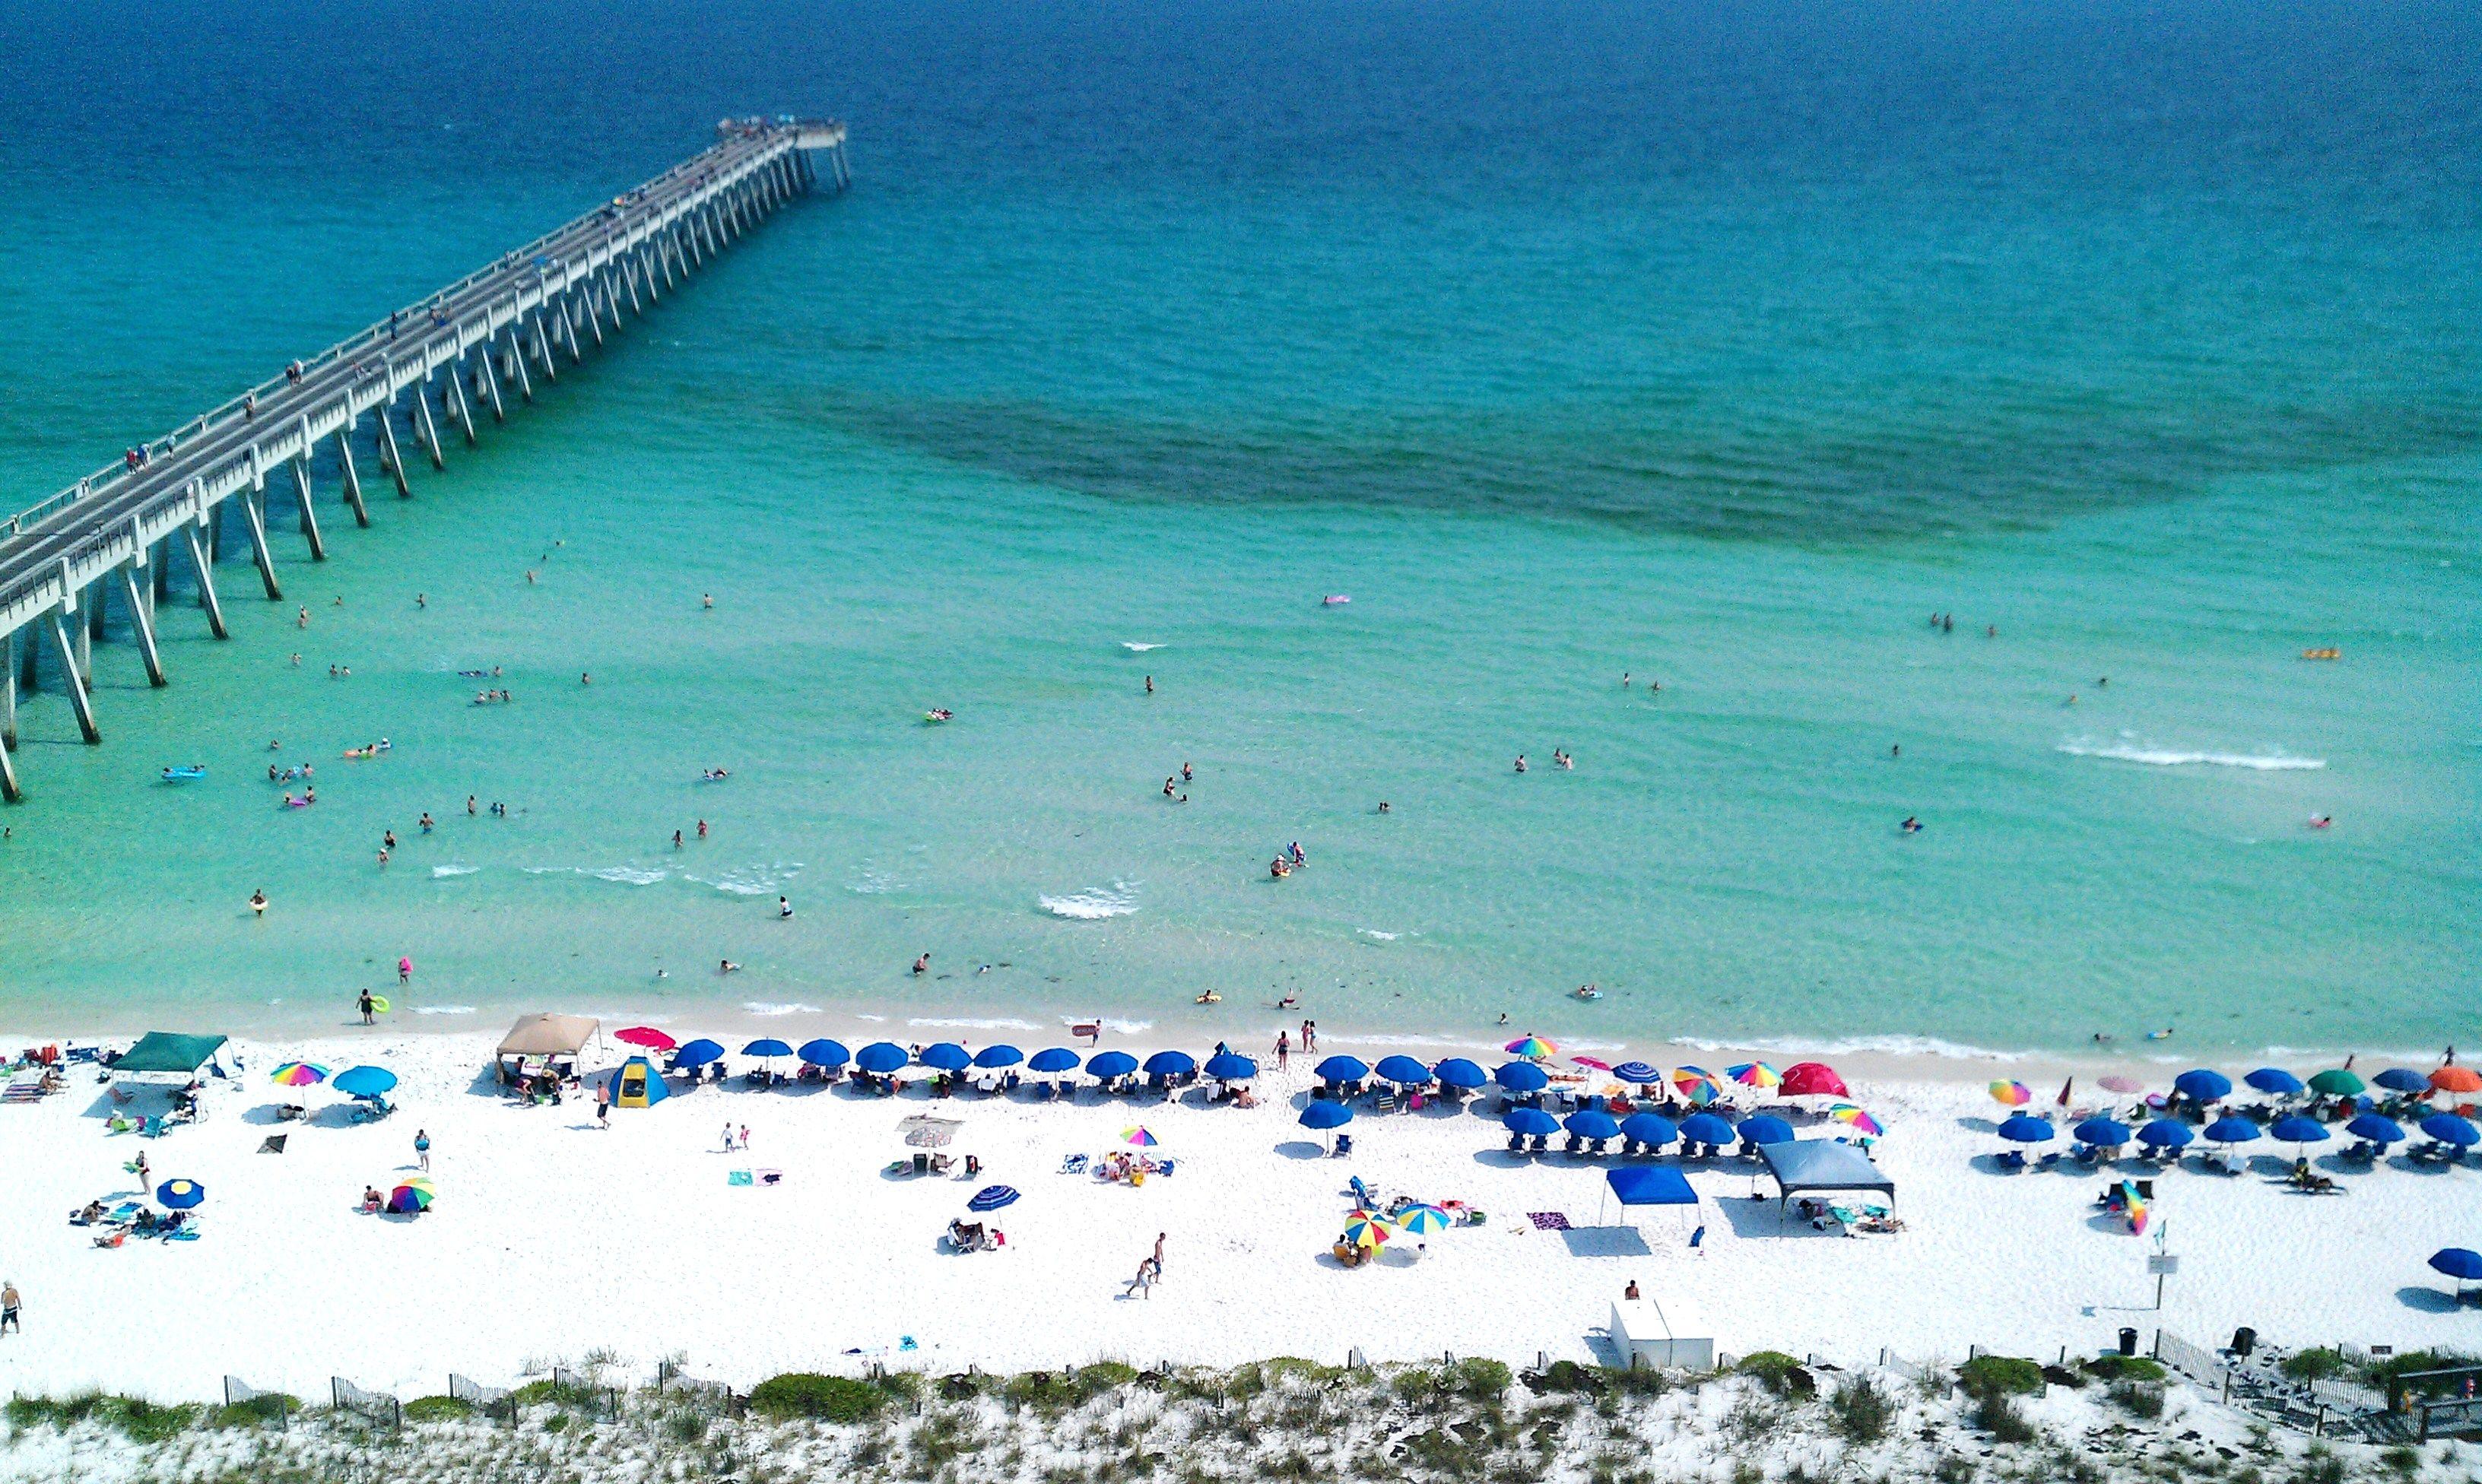 Summerwind Resort Navarre Beach Find Your Dream